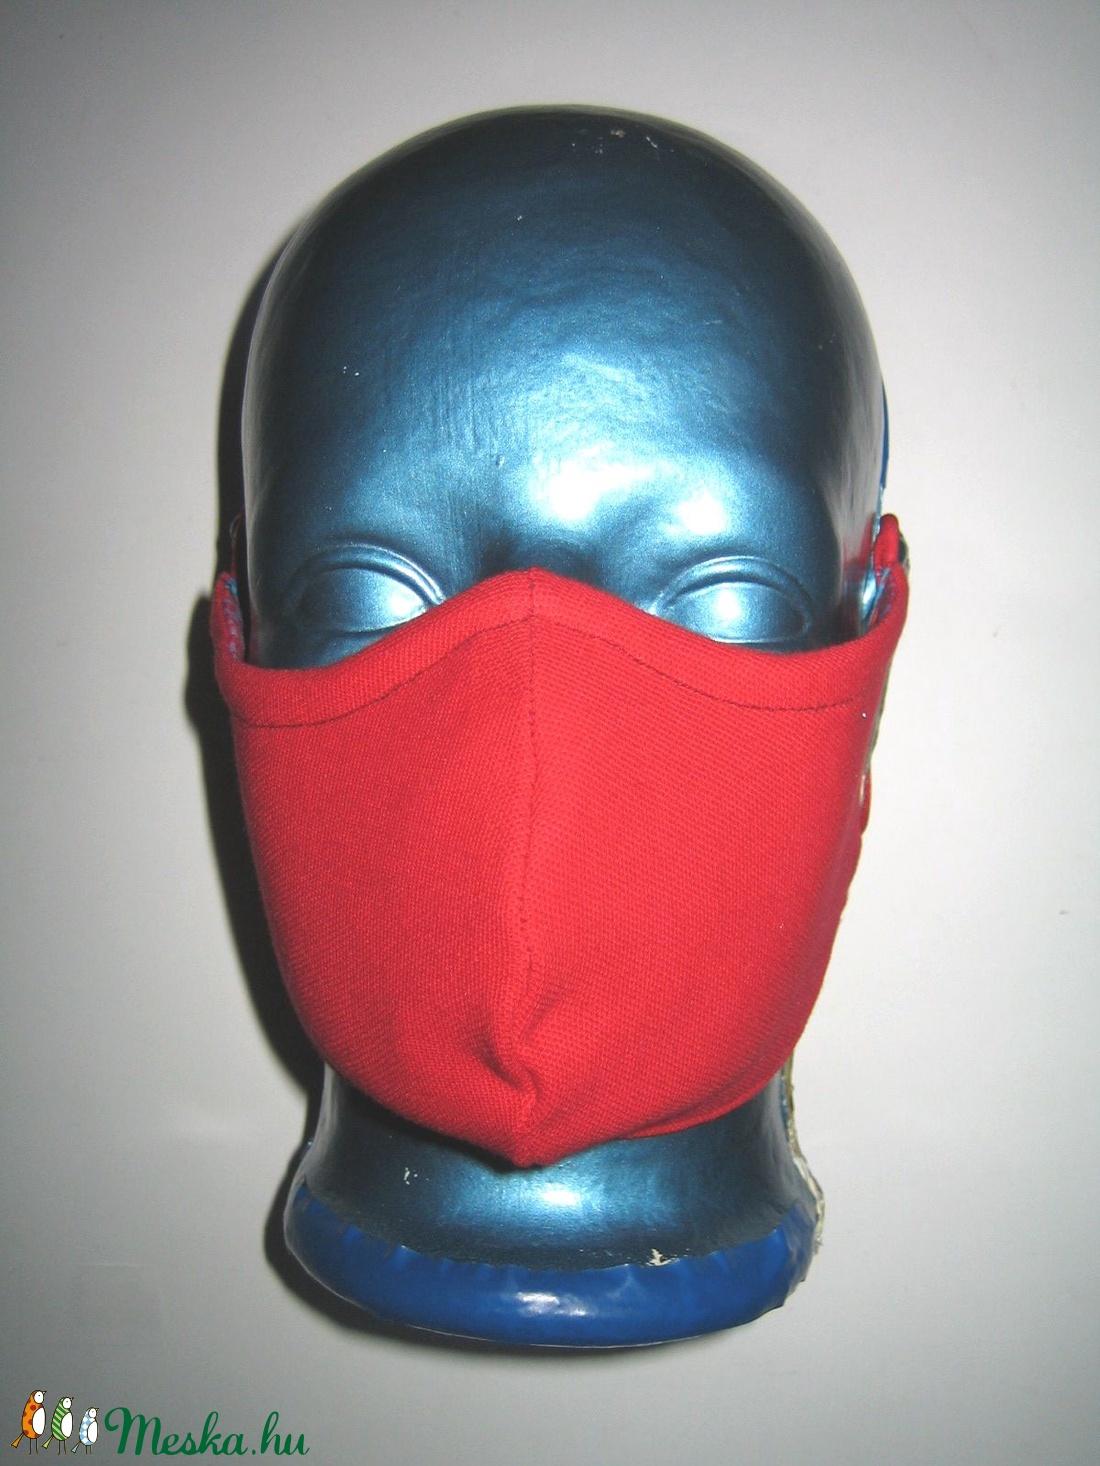 Egyedi-szájmaszk szemüvegeseknek orrmerevítős arcmaszk textil maszk cikk-cakk  - maszk, arcmaszk - női - Meska.hu